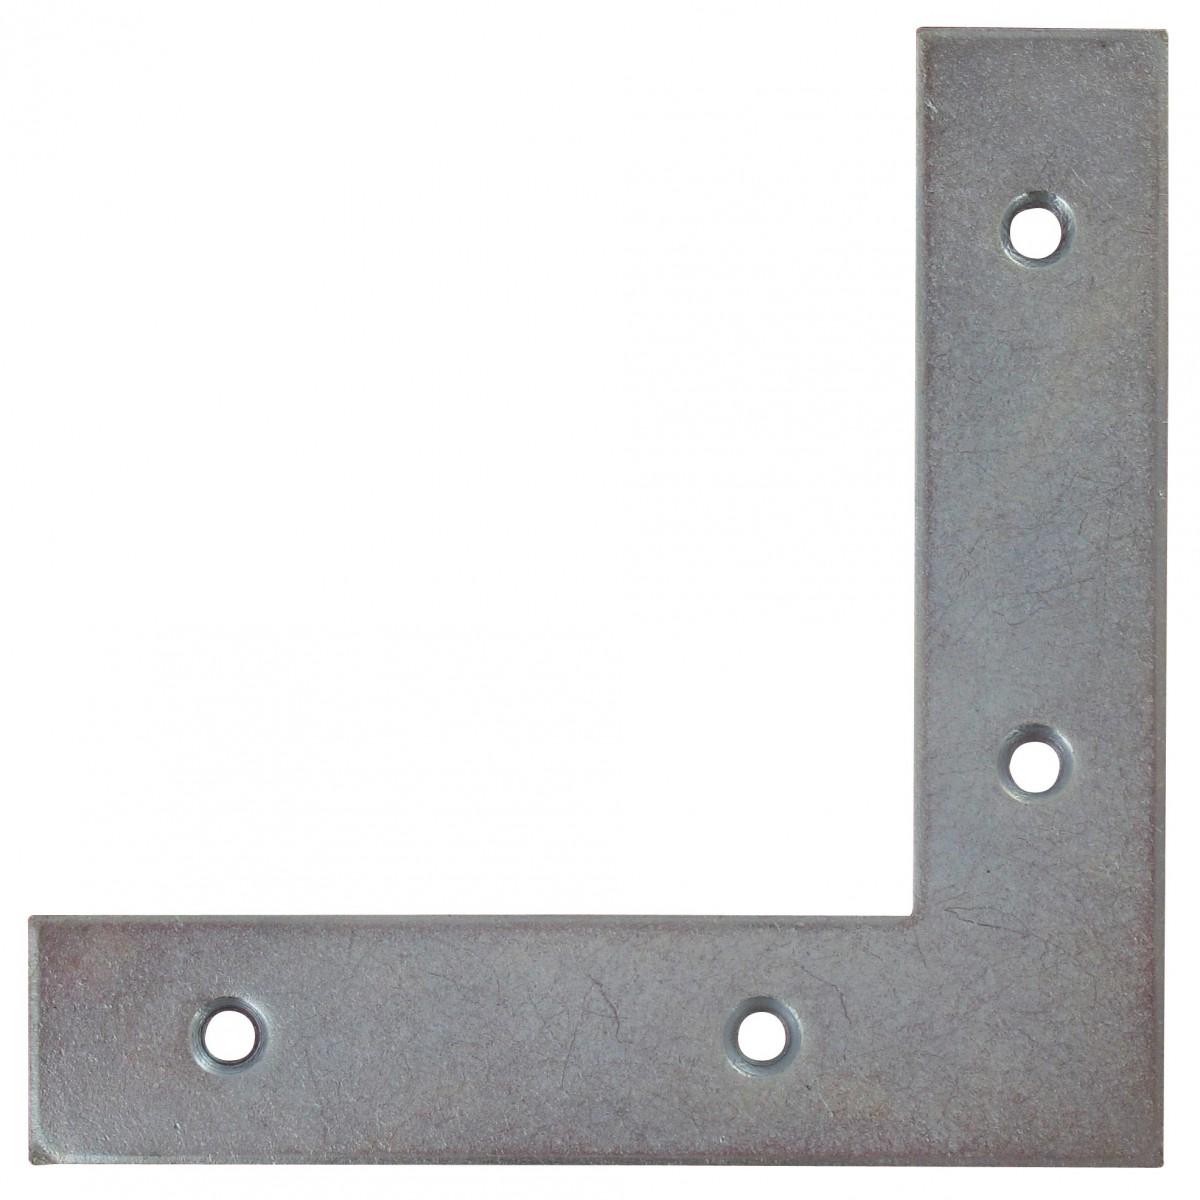 Equerre de fenêtre bouts carrés acier zingué Jardinier Massard - Dimensions 12 x 12 cm